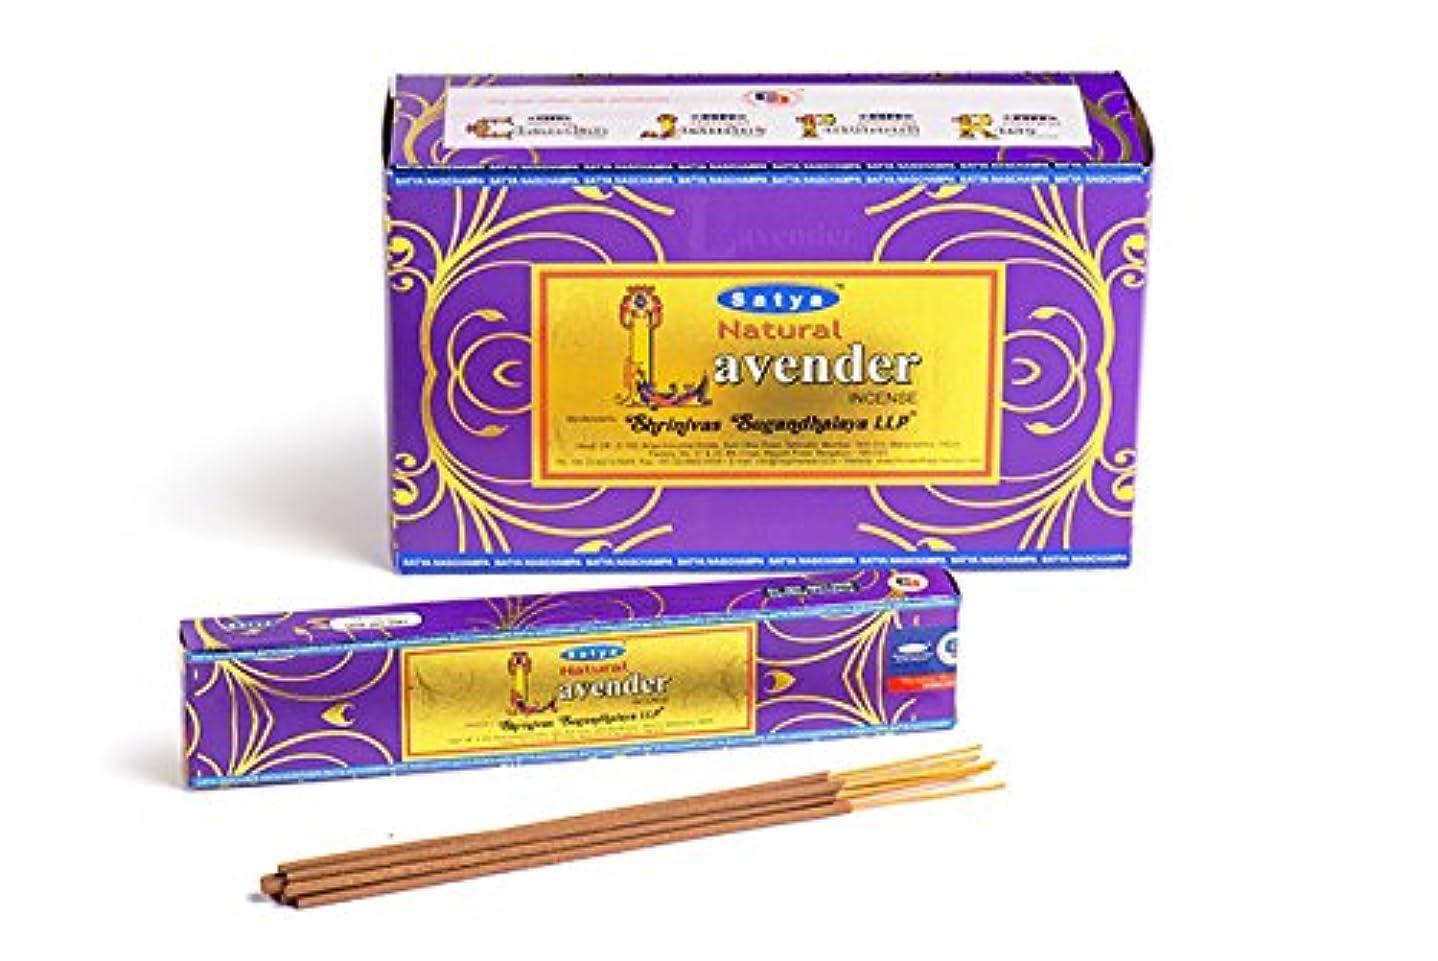 パールユーモア代わりにを立てるSatya. Shriniwas Sugandhalaya 天然ラベンダー線香 フルボックス 180GM